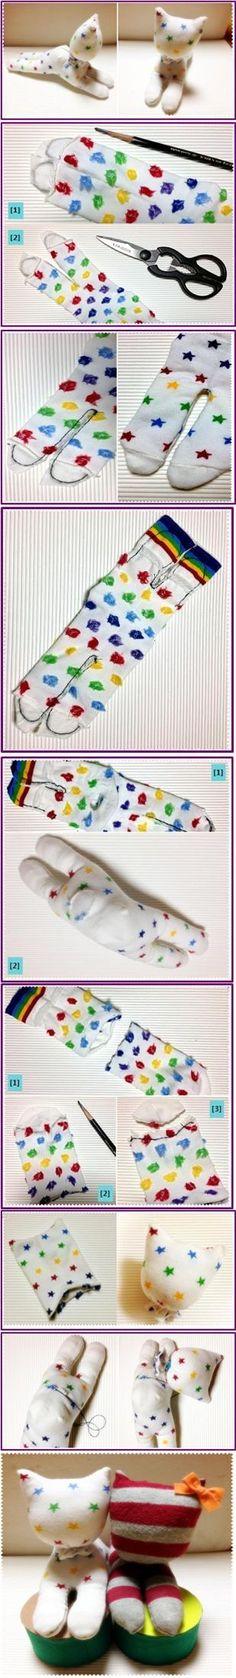 Sock Doll Tutorial: